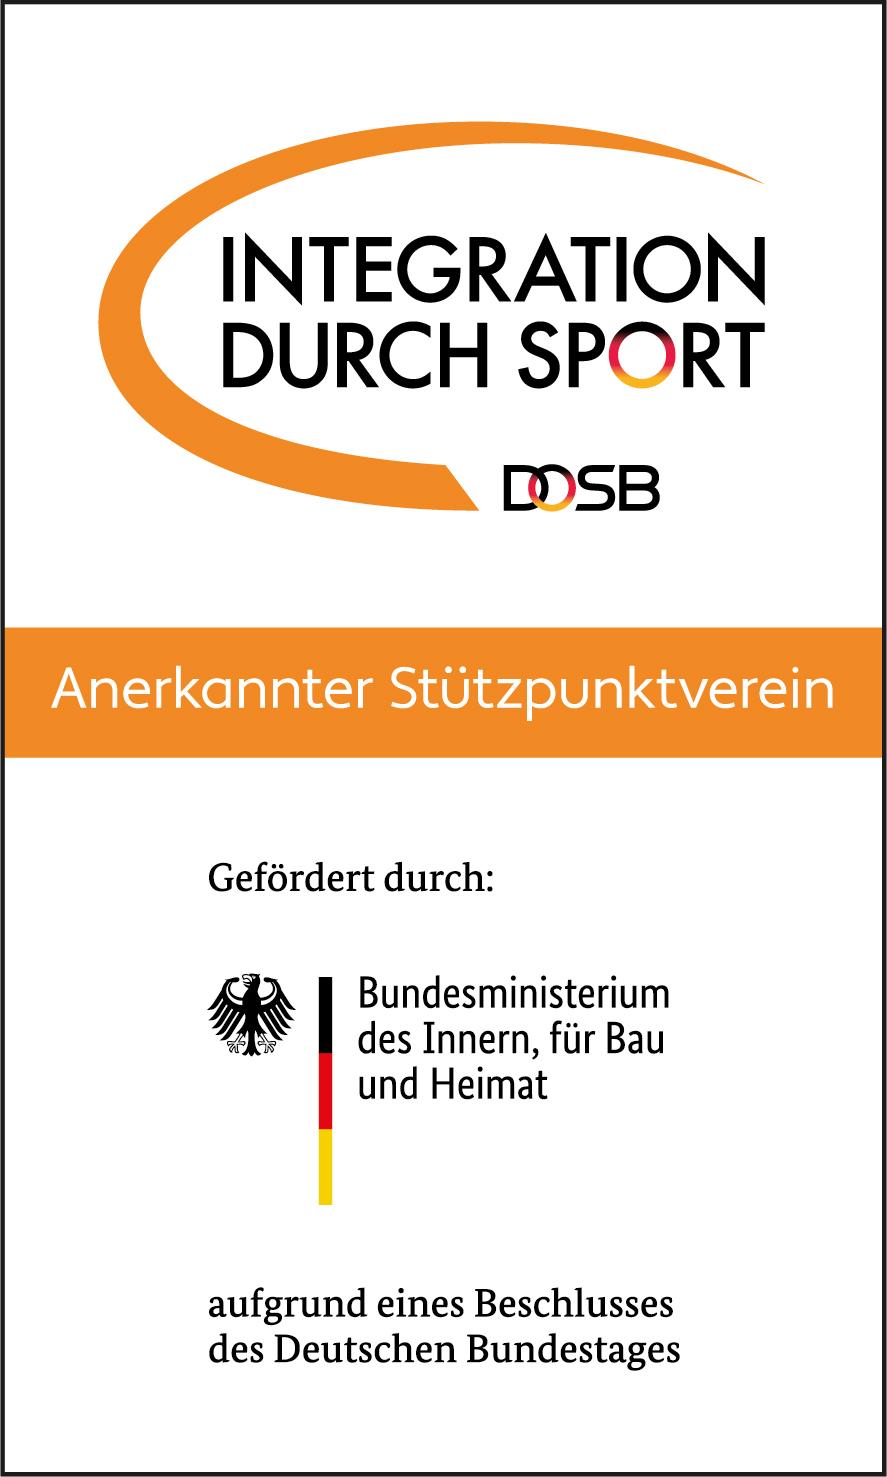 Integration durch Sport - Gießener SV ist Stützpunktverein